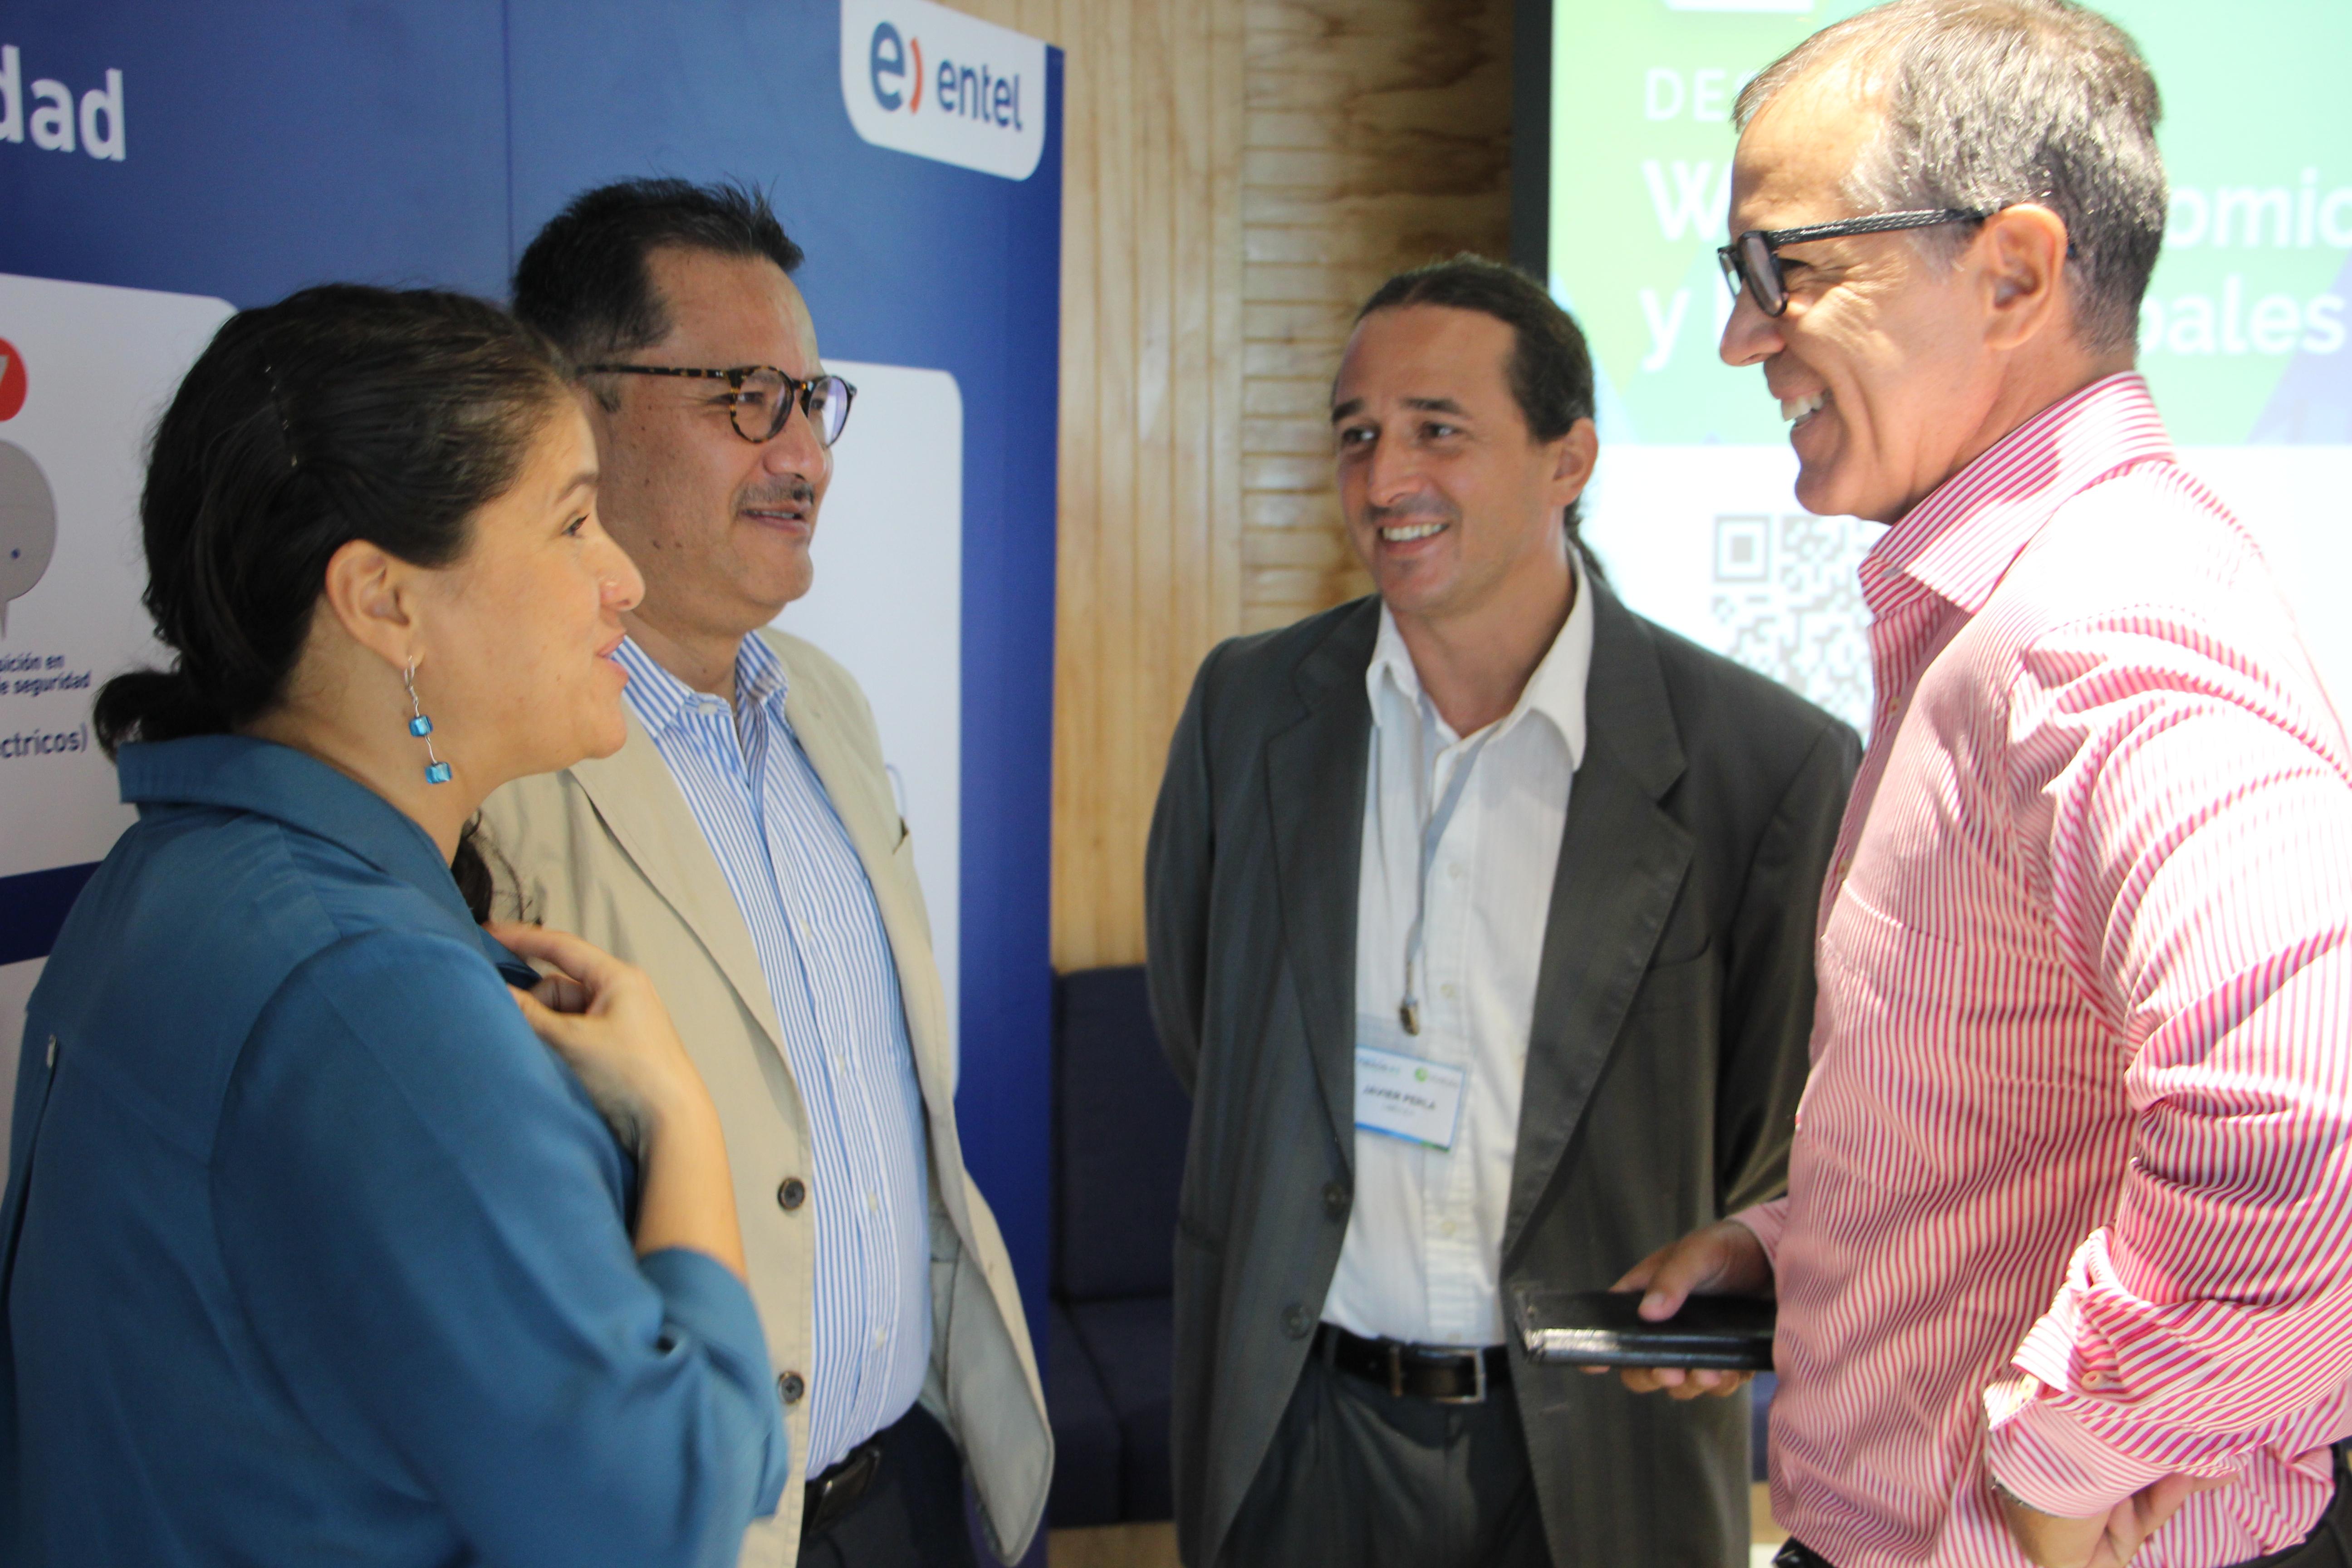 Empresarios comprometidos con el cambio  climático se reunieron en Entel